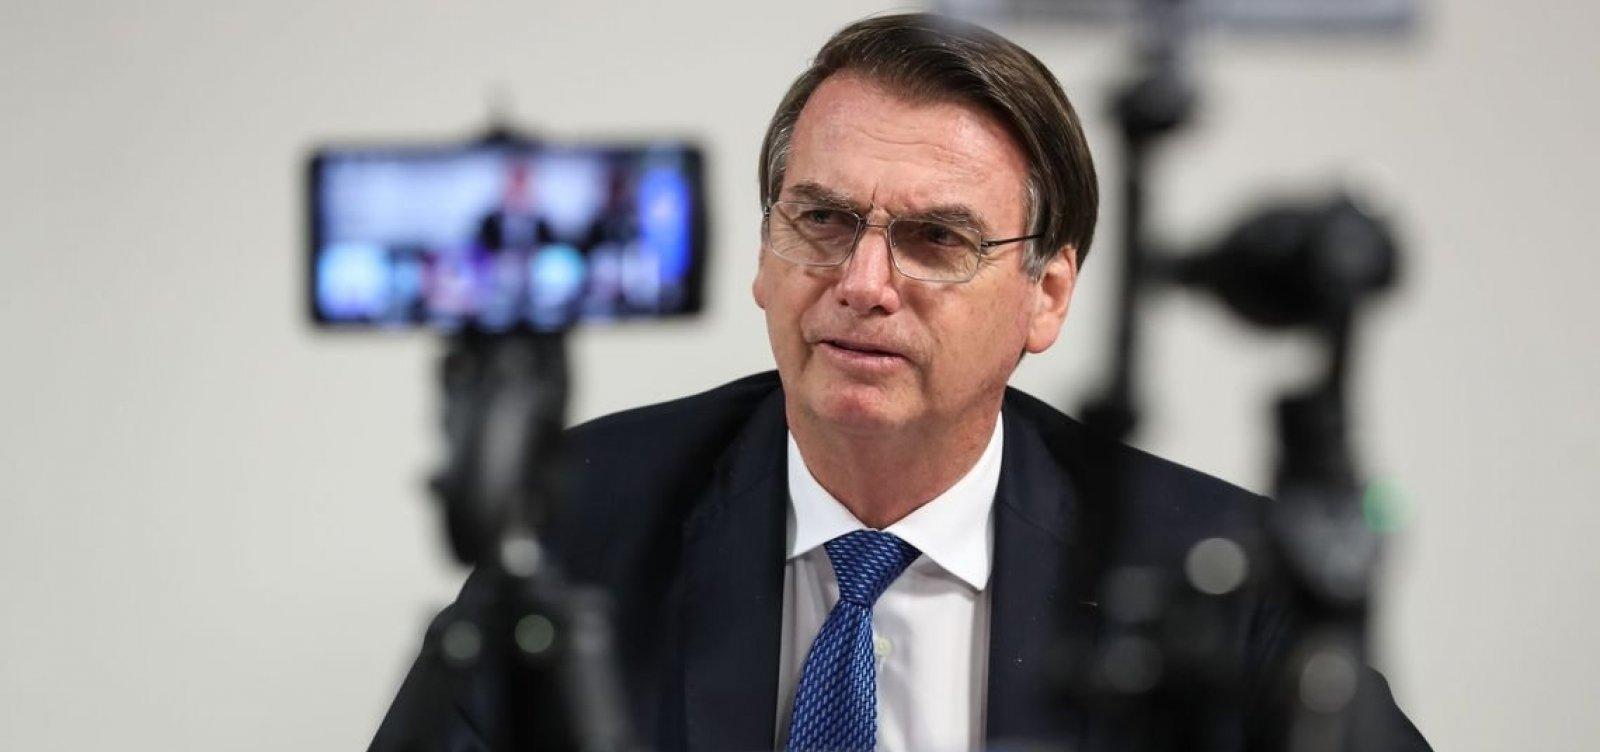 Se for inconstitucional, decreto do porte de armas 'tem que deixar de existir', diz Bolsonaro